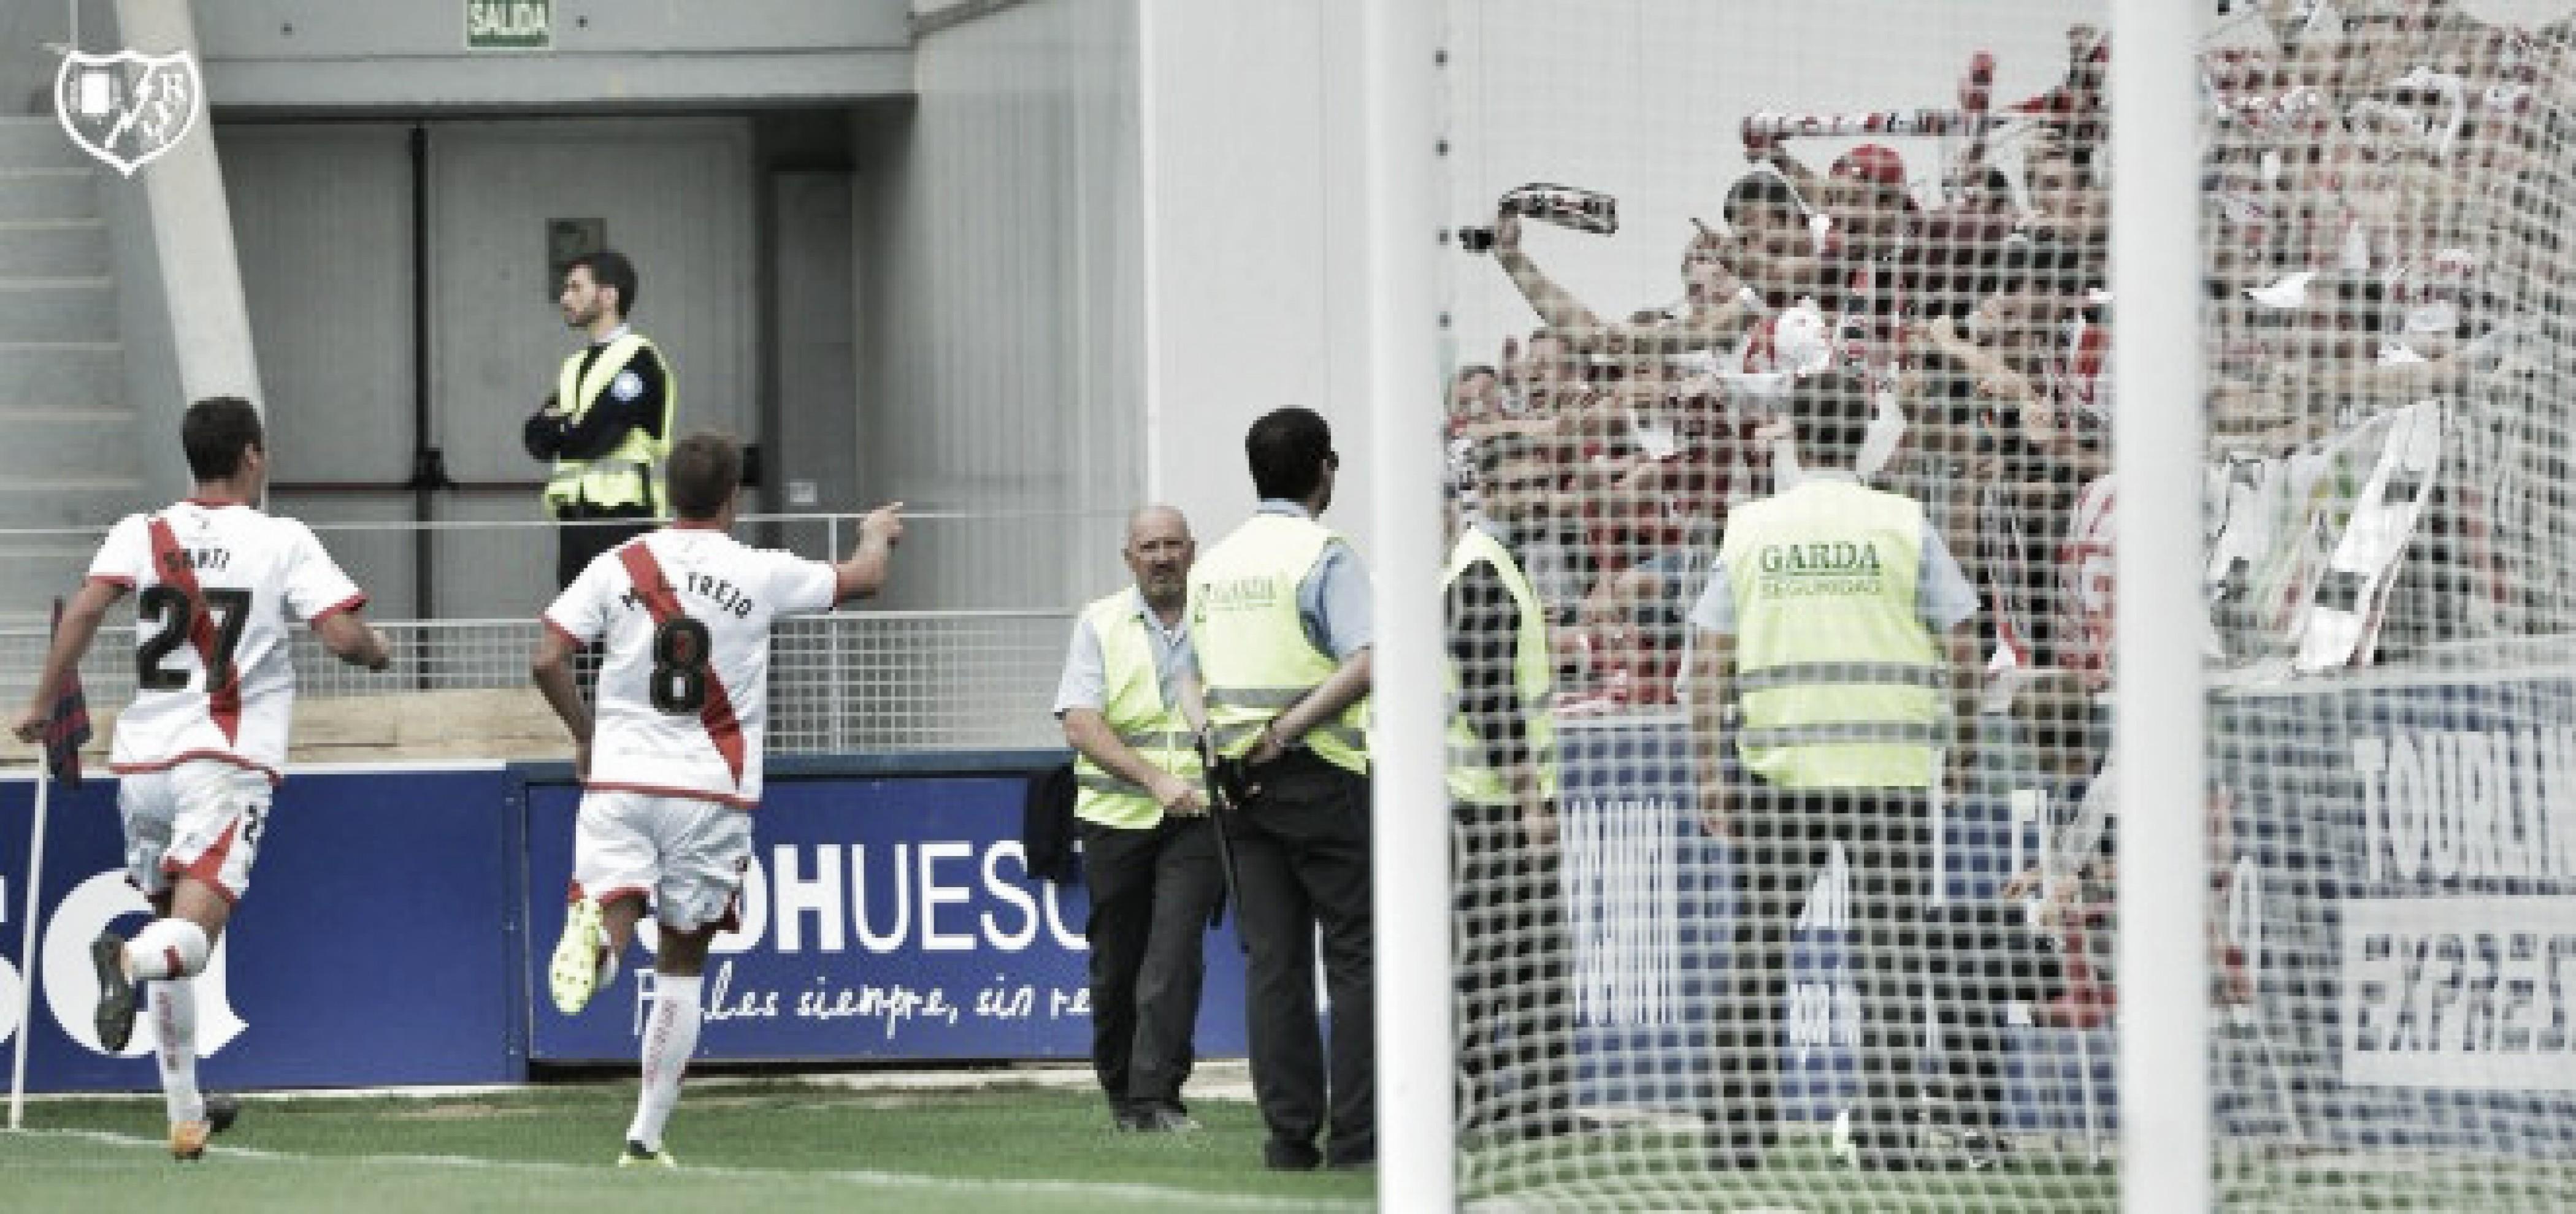 Entradas a la venta para el Huesca - Rayo Vallecano